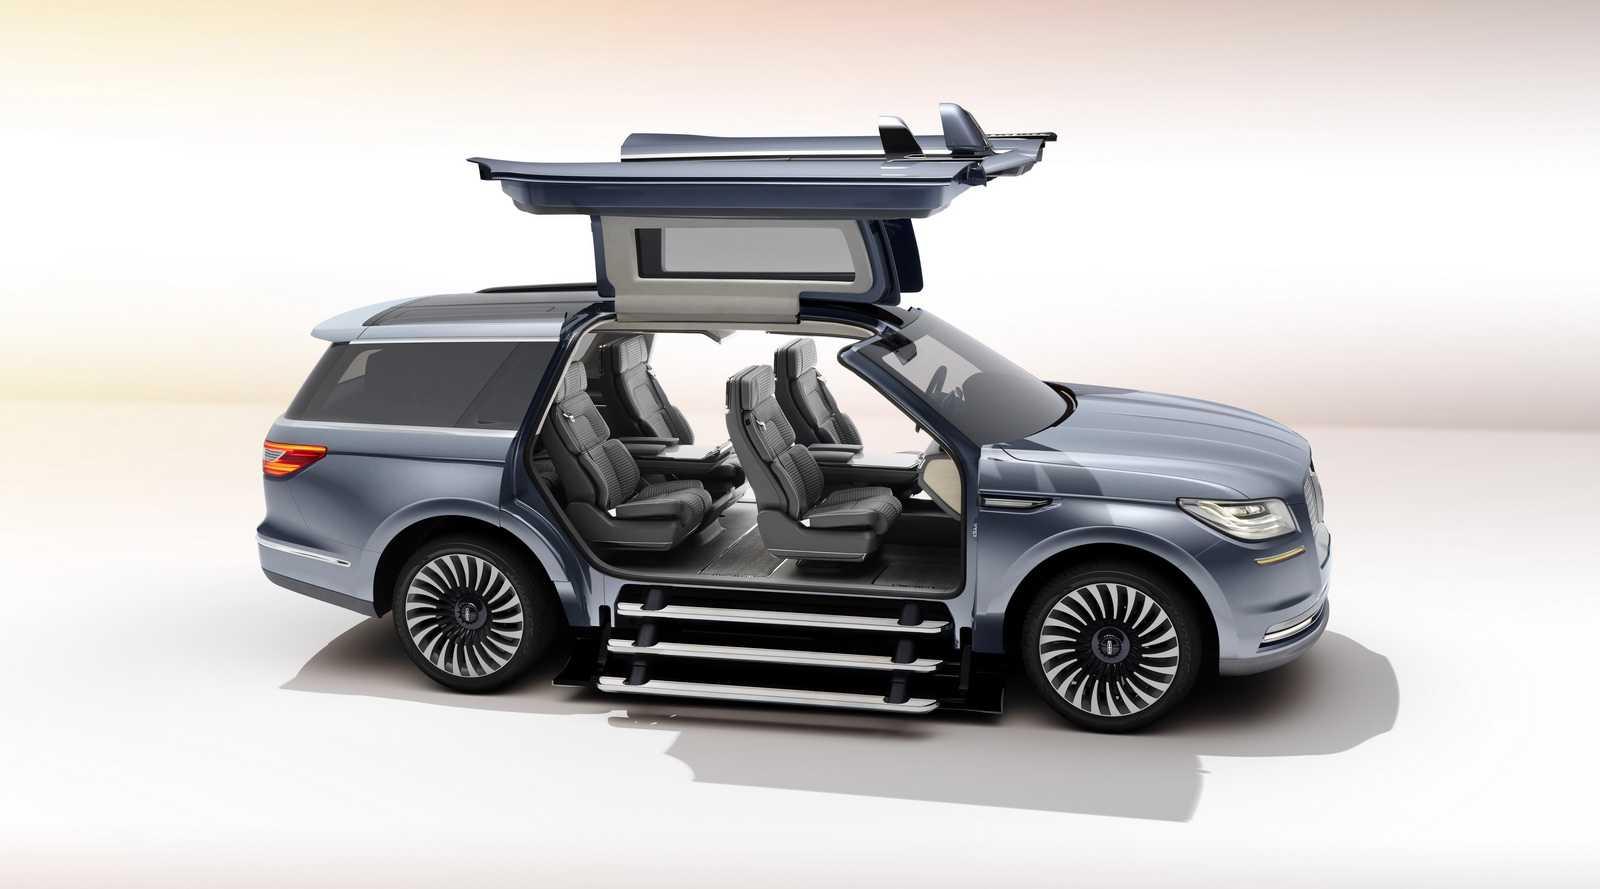 קונספט לינקולן נוויגטור - דלתות שחף והמון פאר ברכב פנאי שטח בגודל מלא. צילום: פורד